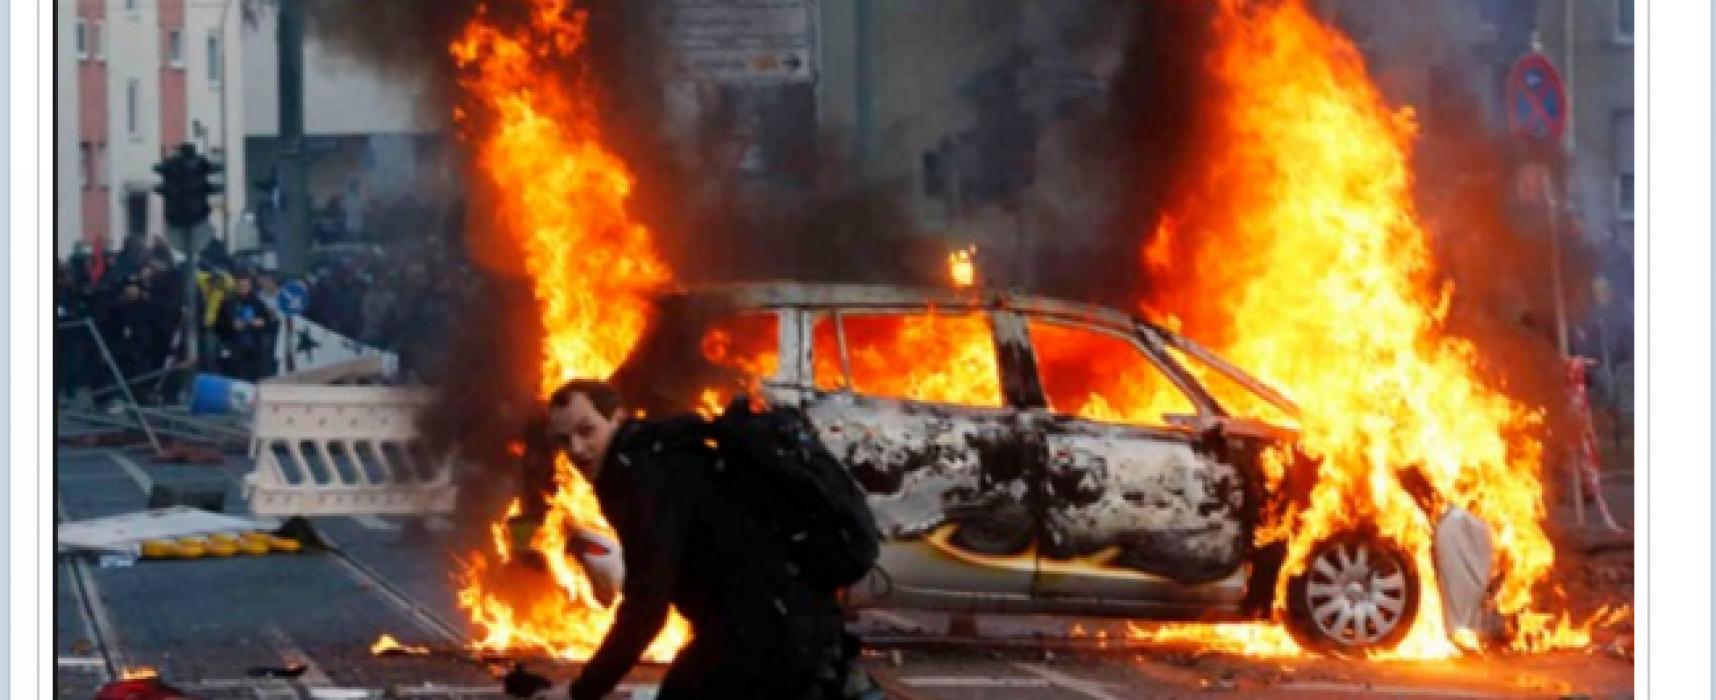 Фейк: протесты против НАТО подожгли Братиславу